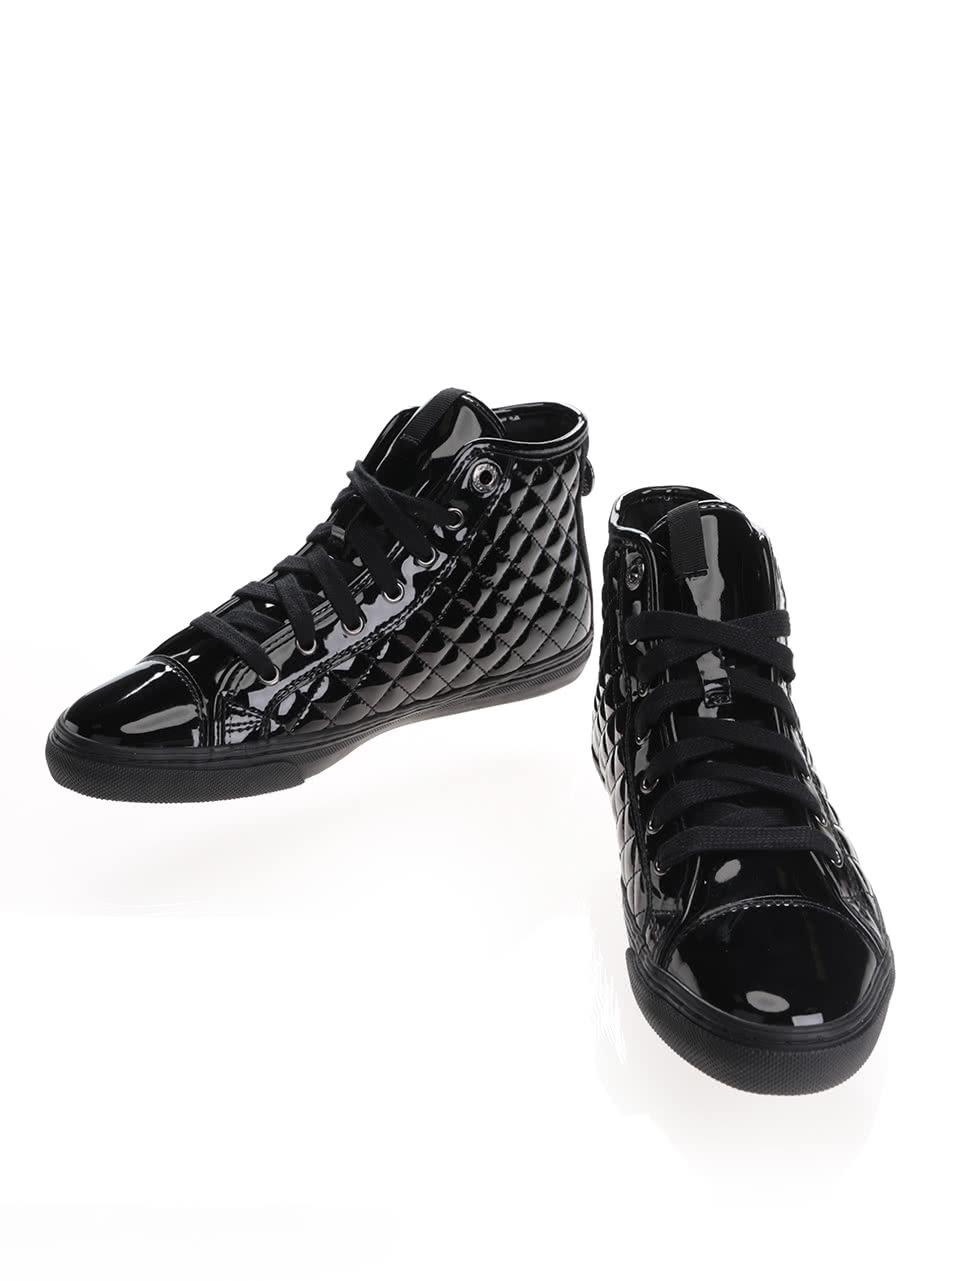 Černé dámské kotníkové tenisky Geox New Club ... 748fc38386